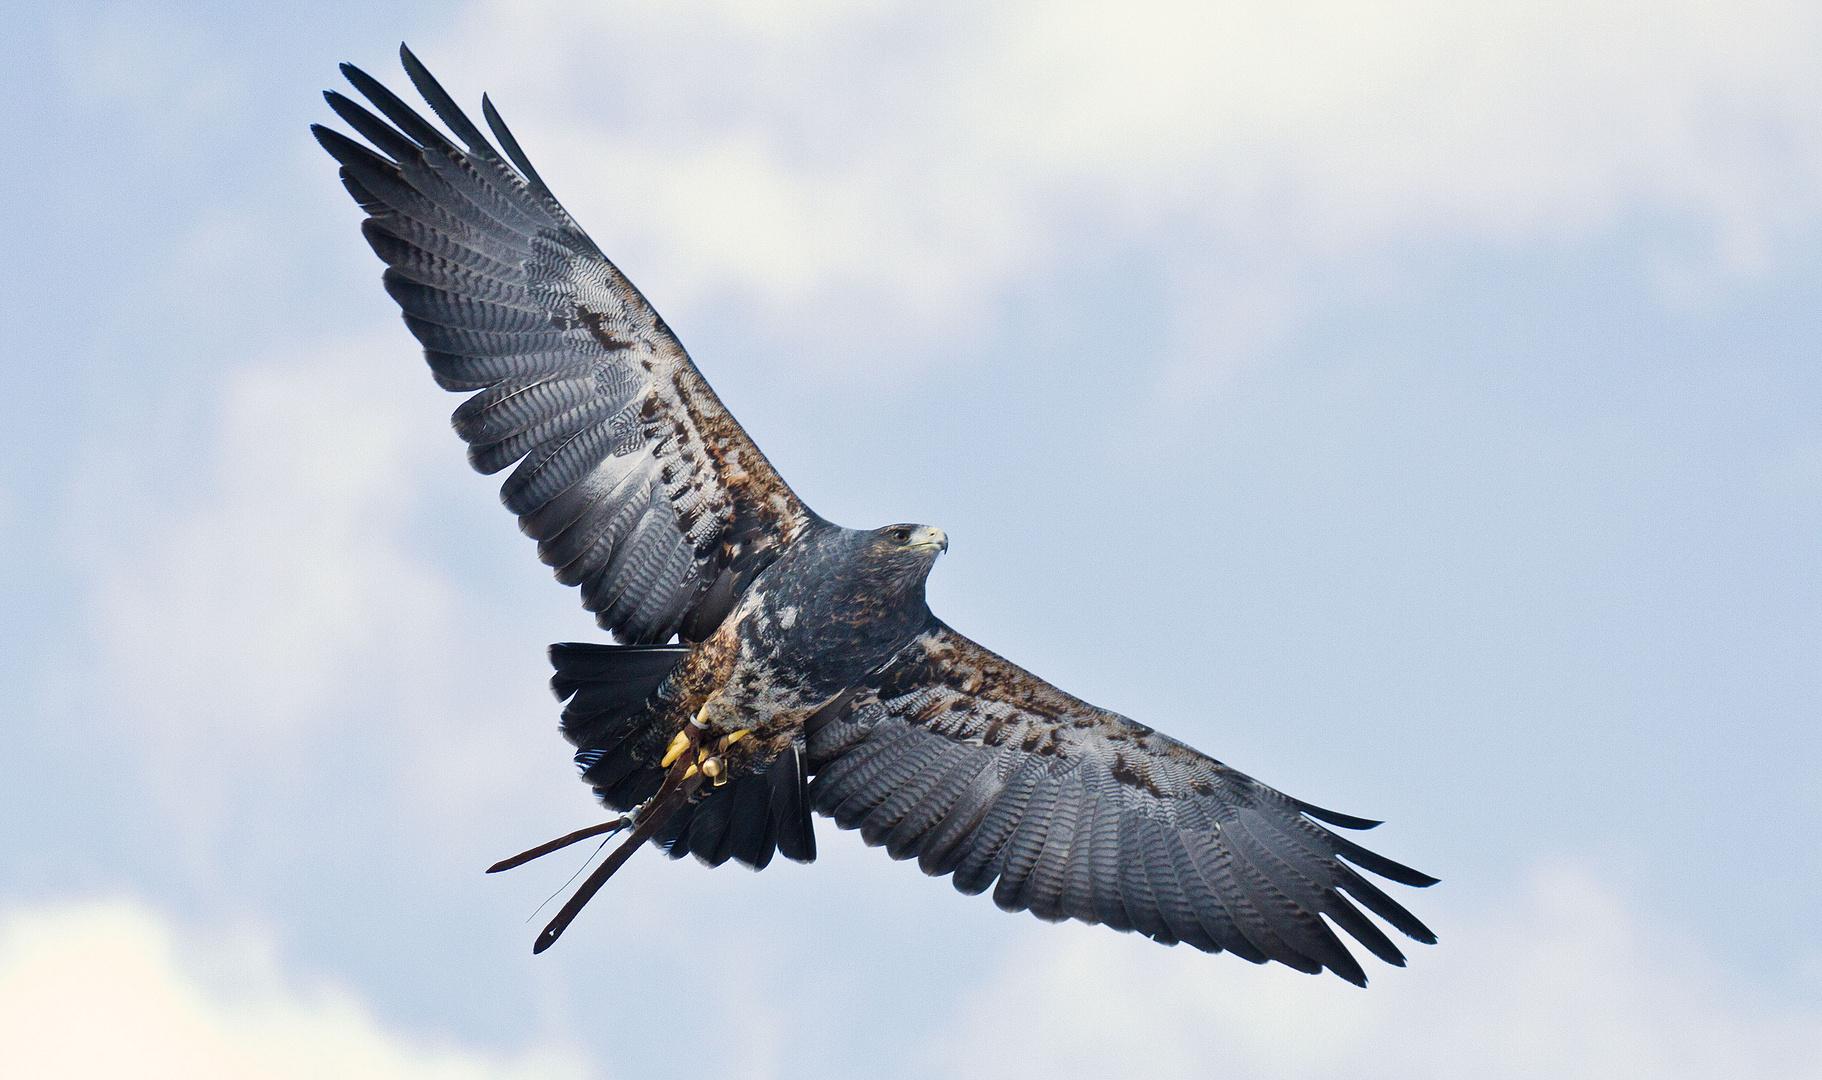 Fliegende Schönheit